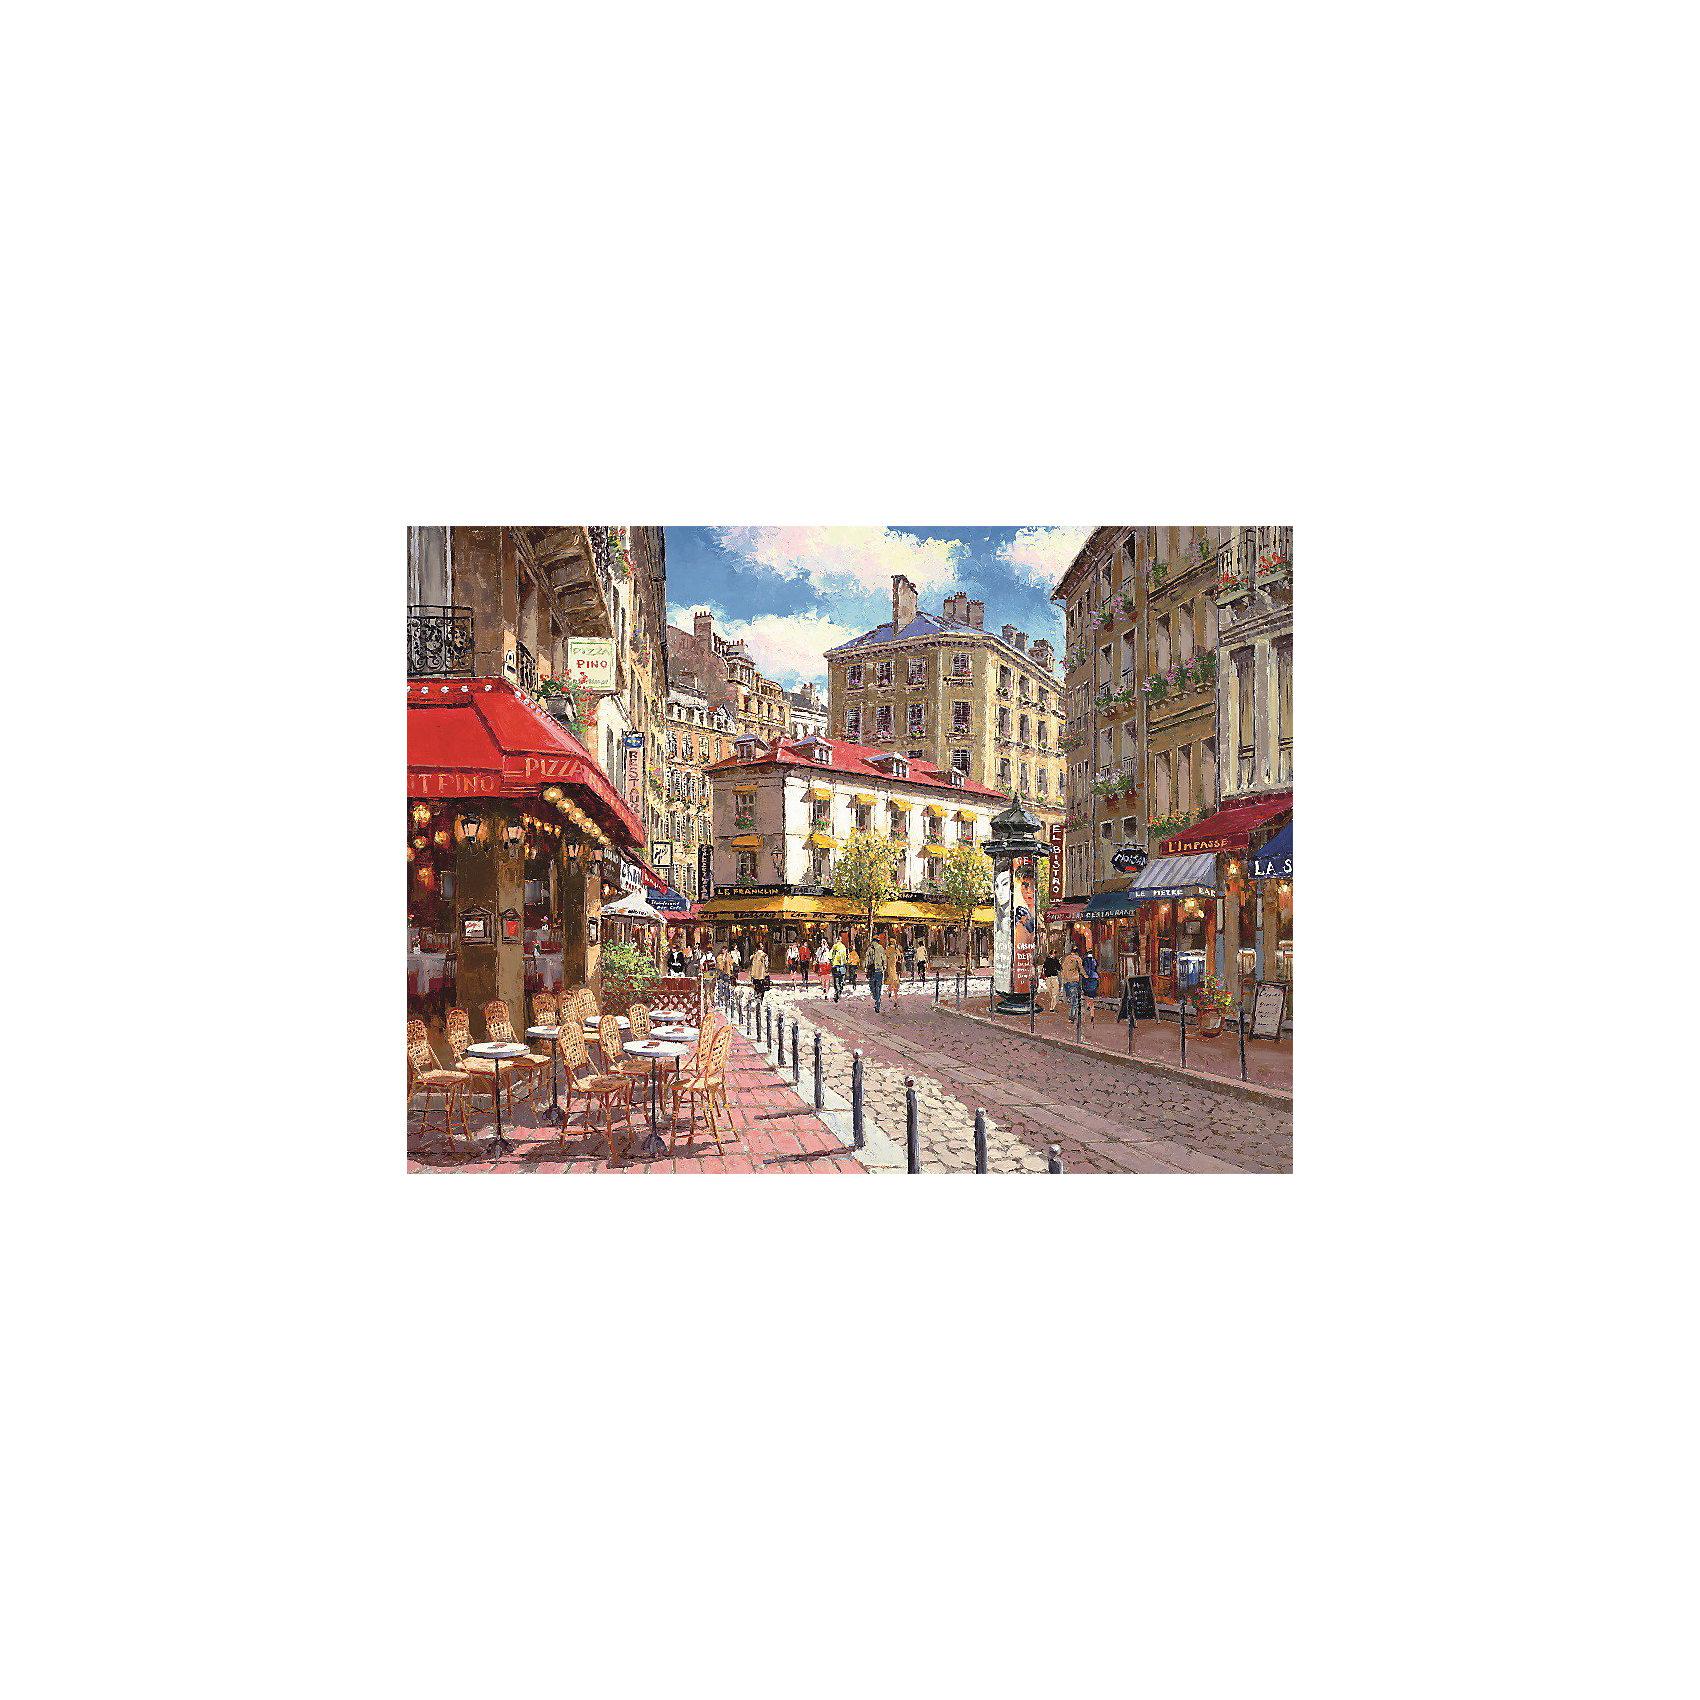 Ravensburger Пазл «Кафе в старом городе» 500 деталей, Ravensburger купить kafe bar v nikolaeve